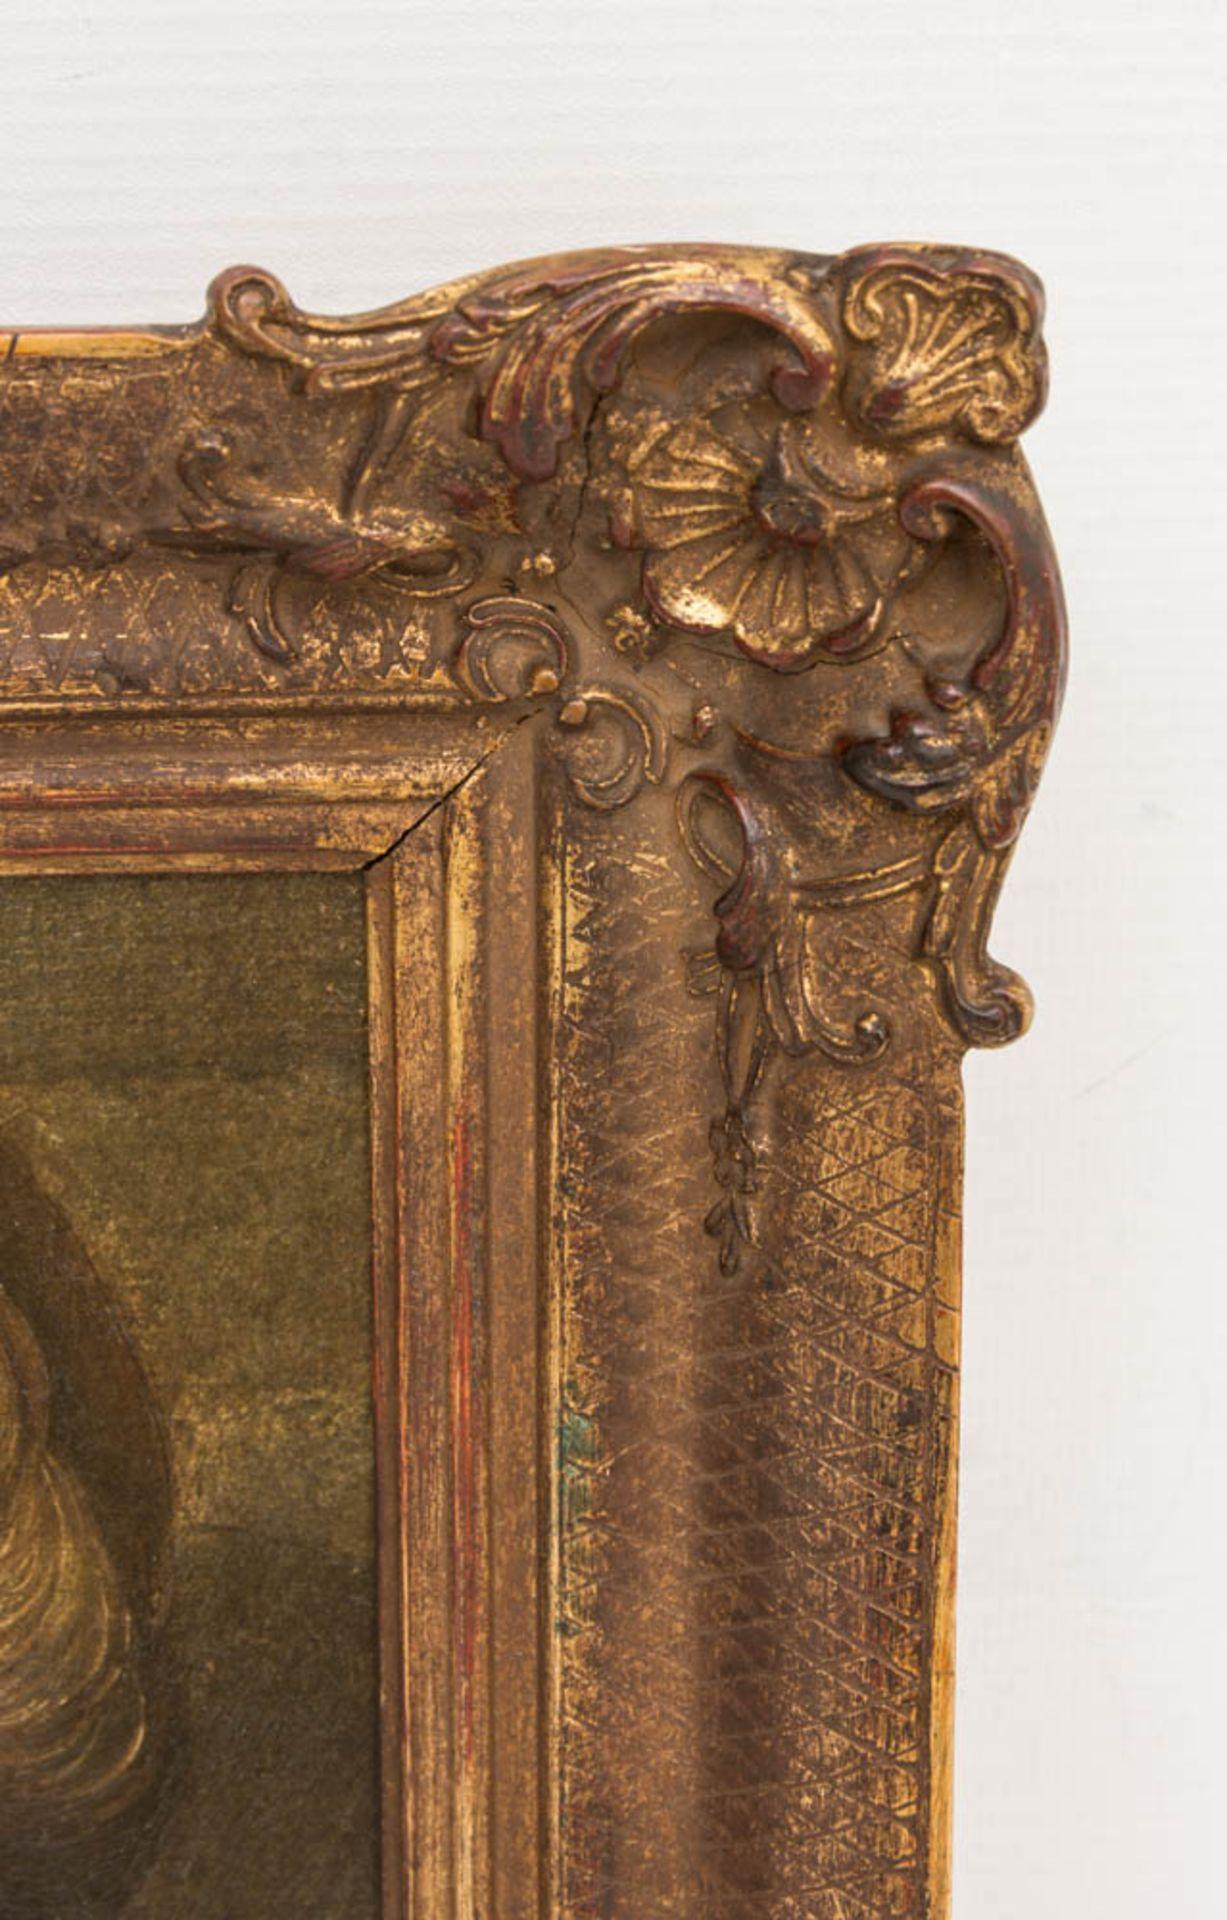 Nach Rubens, Kopf eines Kindes, Öldruck auf Leinwand, 20. JhObpacher Faksimile. < - Bild 3 aus 4